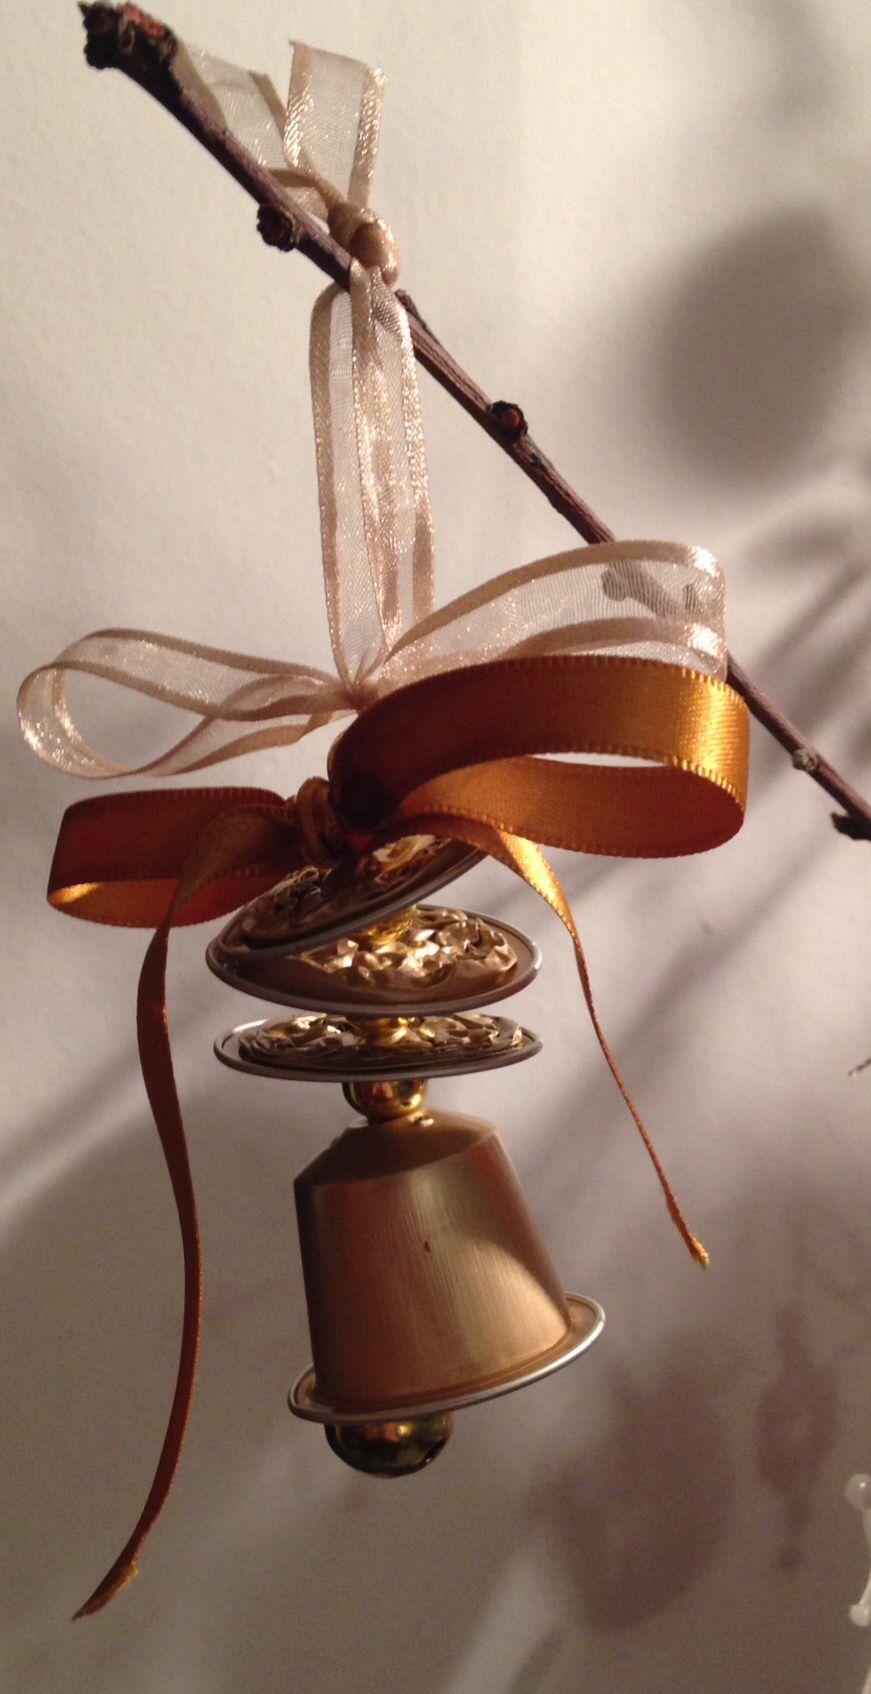 Lavoretti Di Natale Con Cialde Nespresso.Campanella Con Cialde Nespresso Kerst Ornamento Di